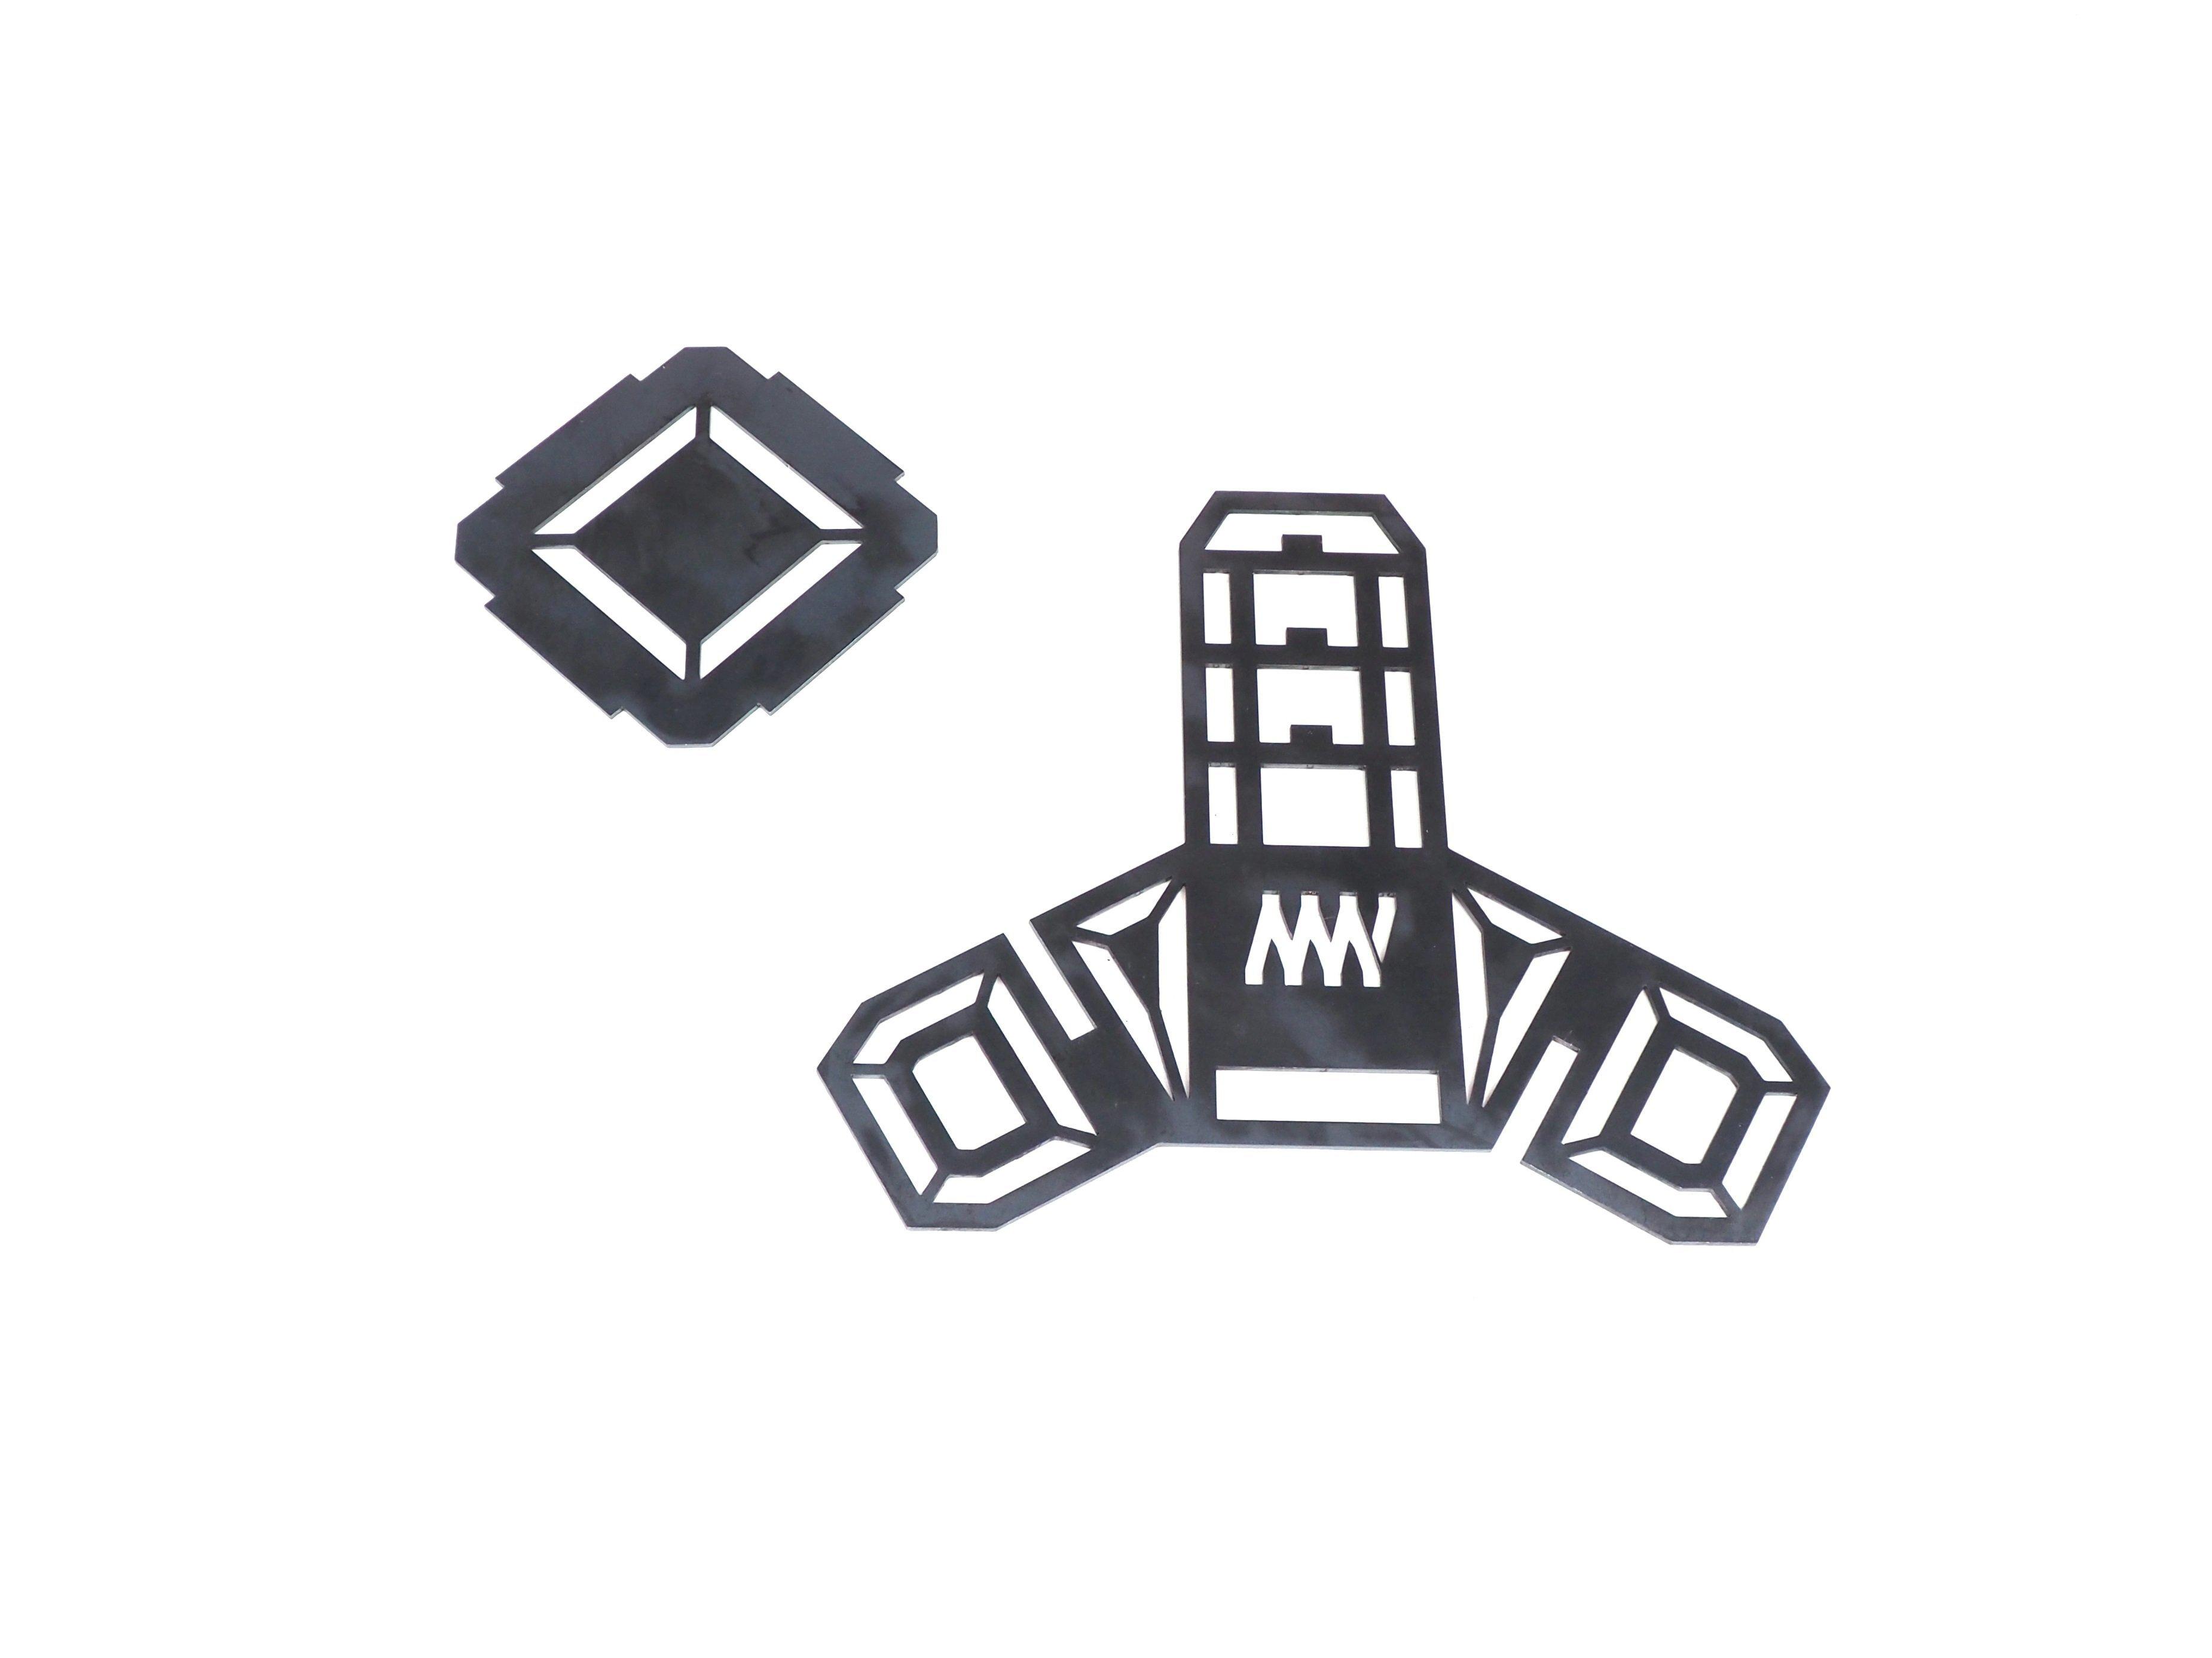 予約商品 Plus 1 Takibi Stand M プラス 1 タキビ スタンド Mサイズ / MITARIWORKS ミタリワークス